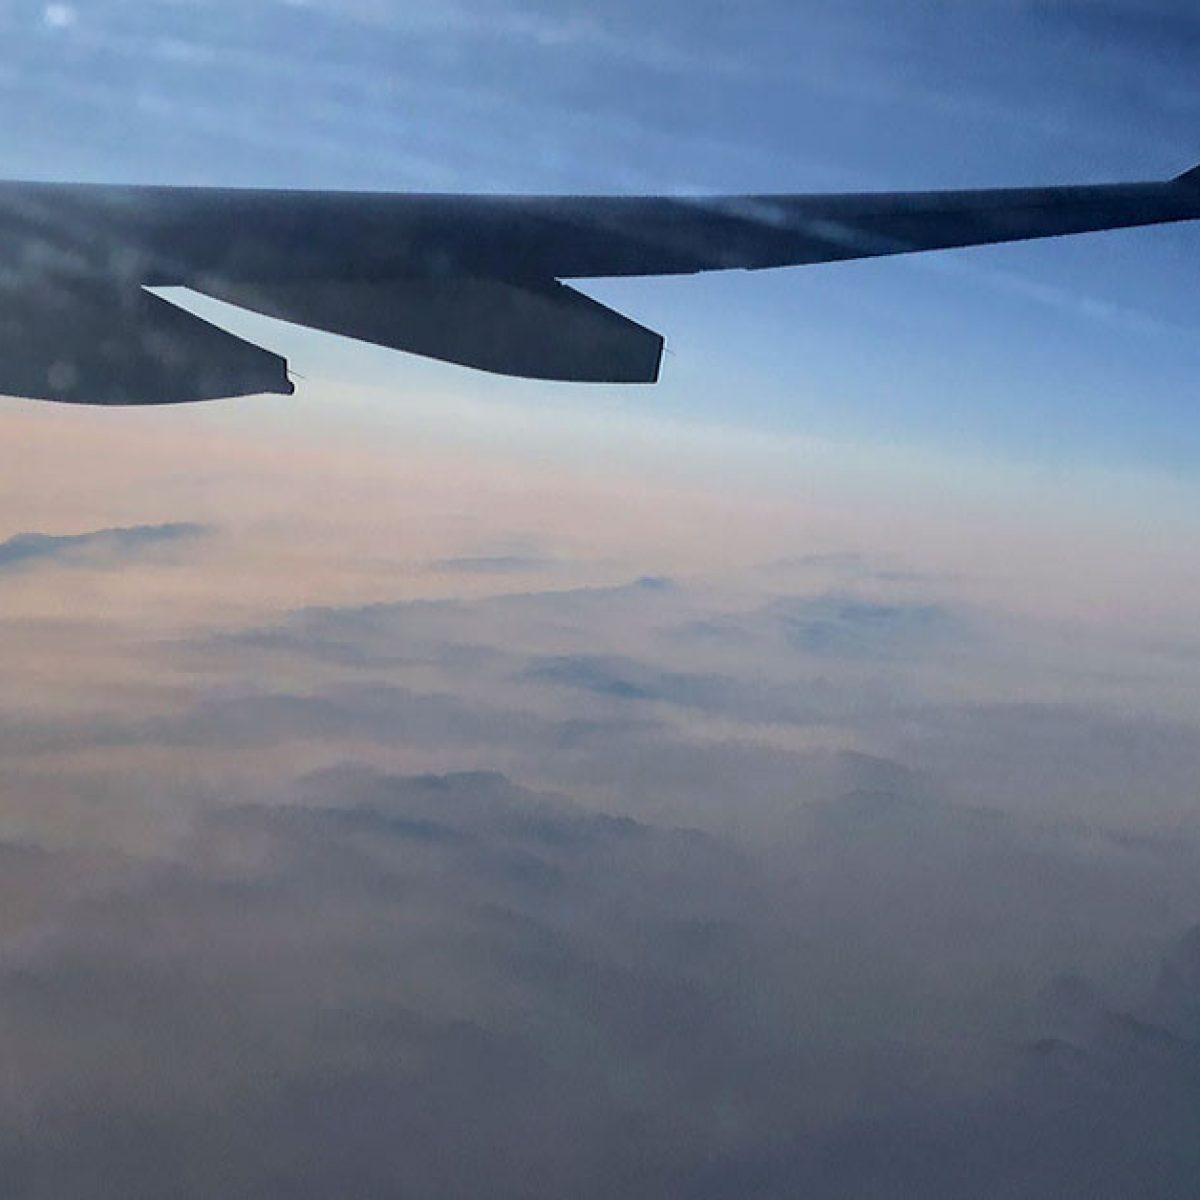 skrzydło samolotu pod którym widać wysokie góry